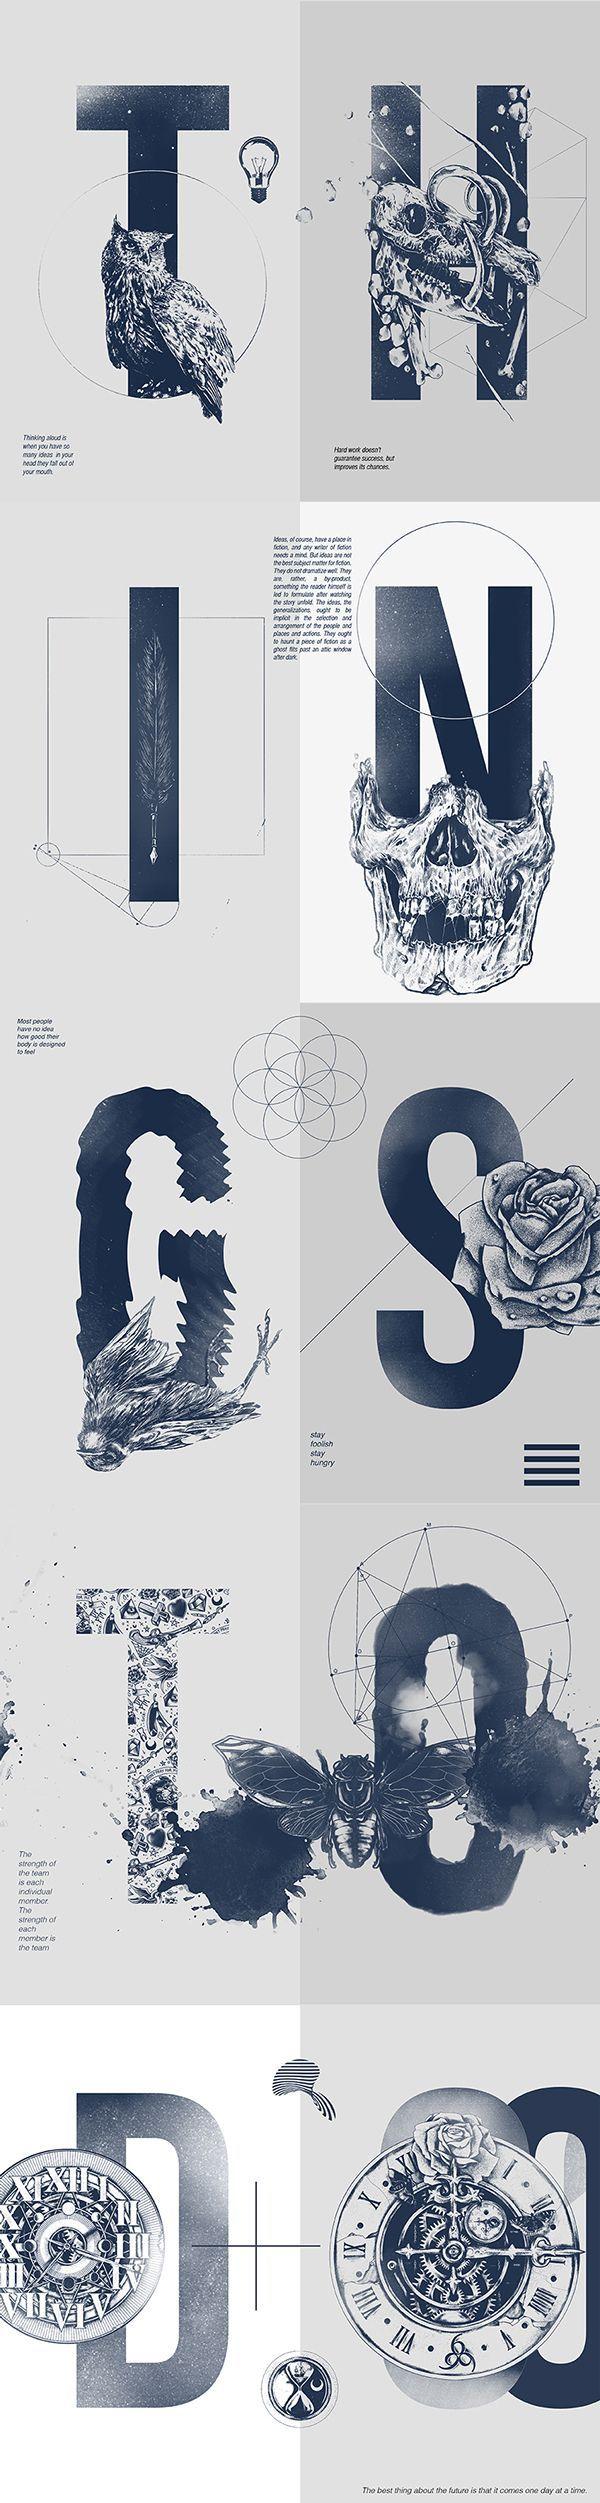 Des lettres az coloriage xpx coloriage enluminure lettre v page 2 car - Typographie 10 Un Caract Re Cr Atif